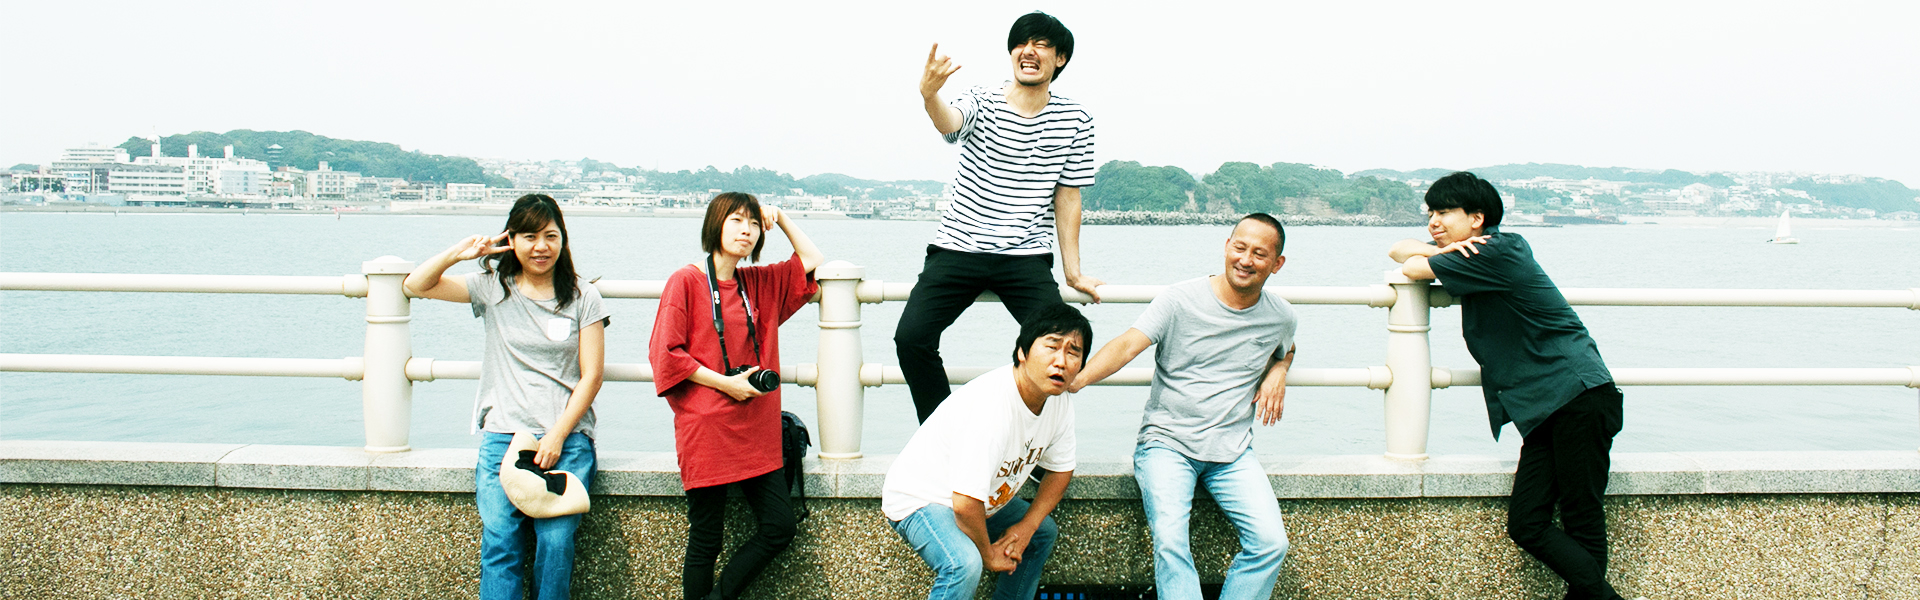 湘南、藤沢の海辺で集合写真